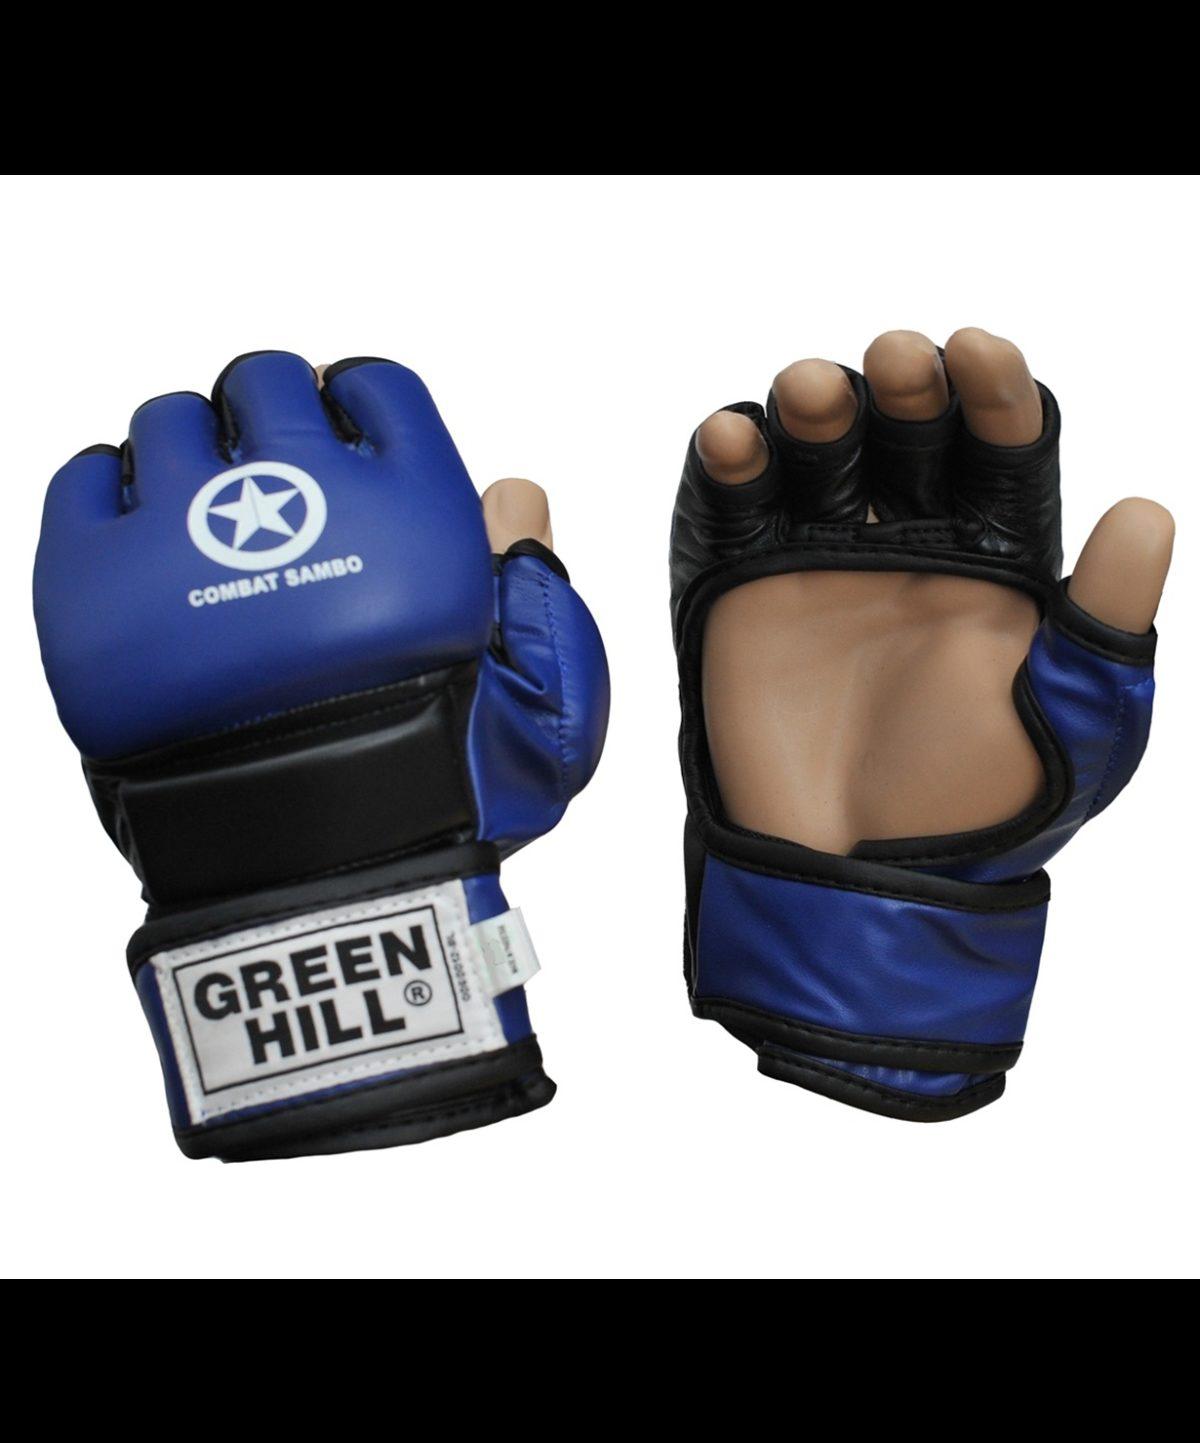 GREEN HILL Перчатки для MMA Combat Sambo  MMR-0027CS: синий - 2